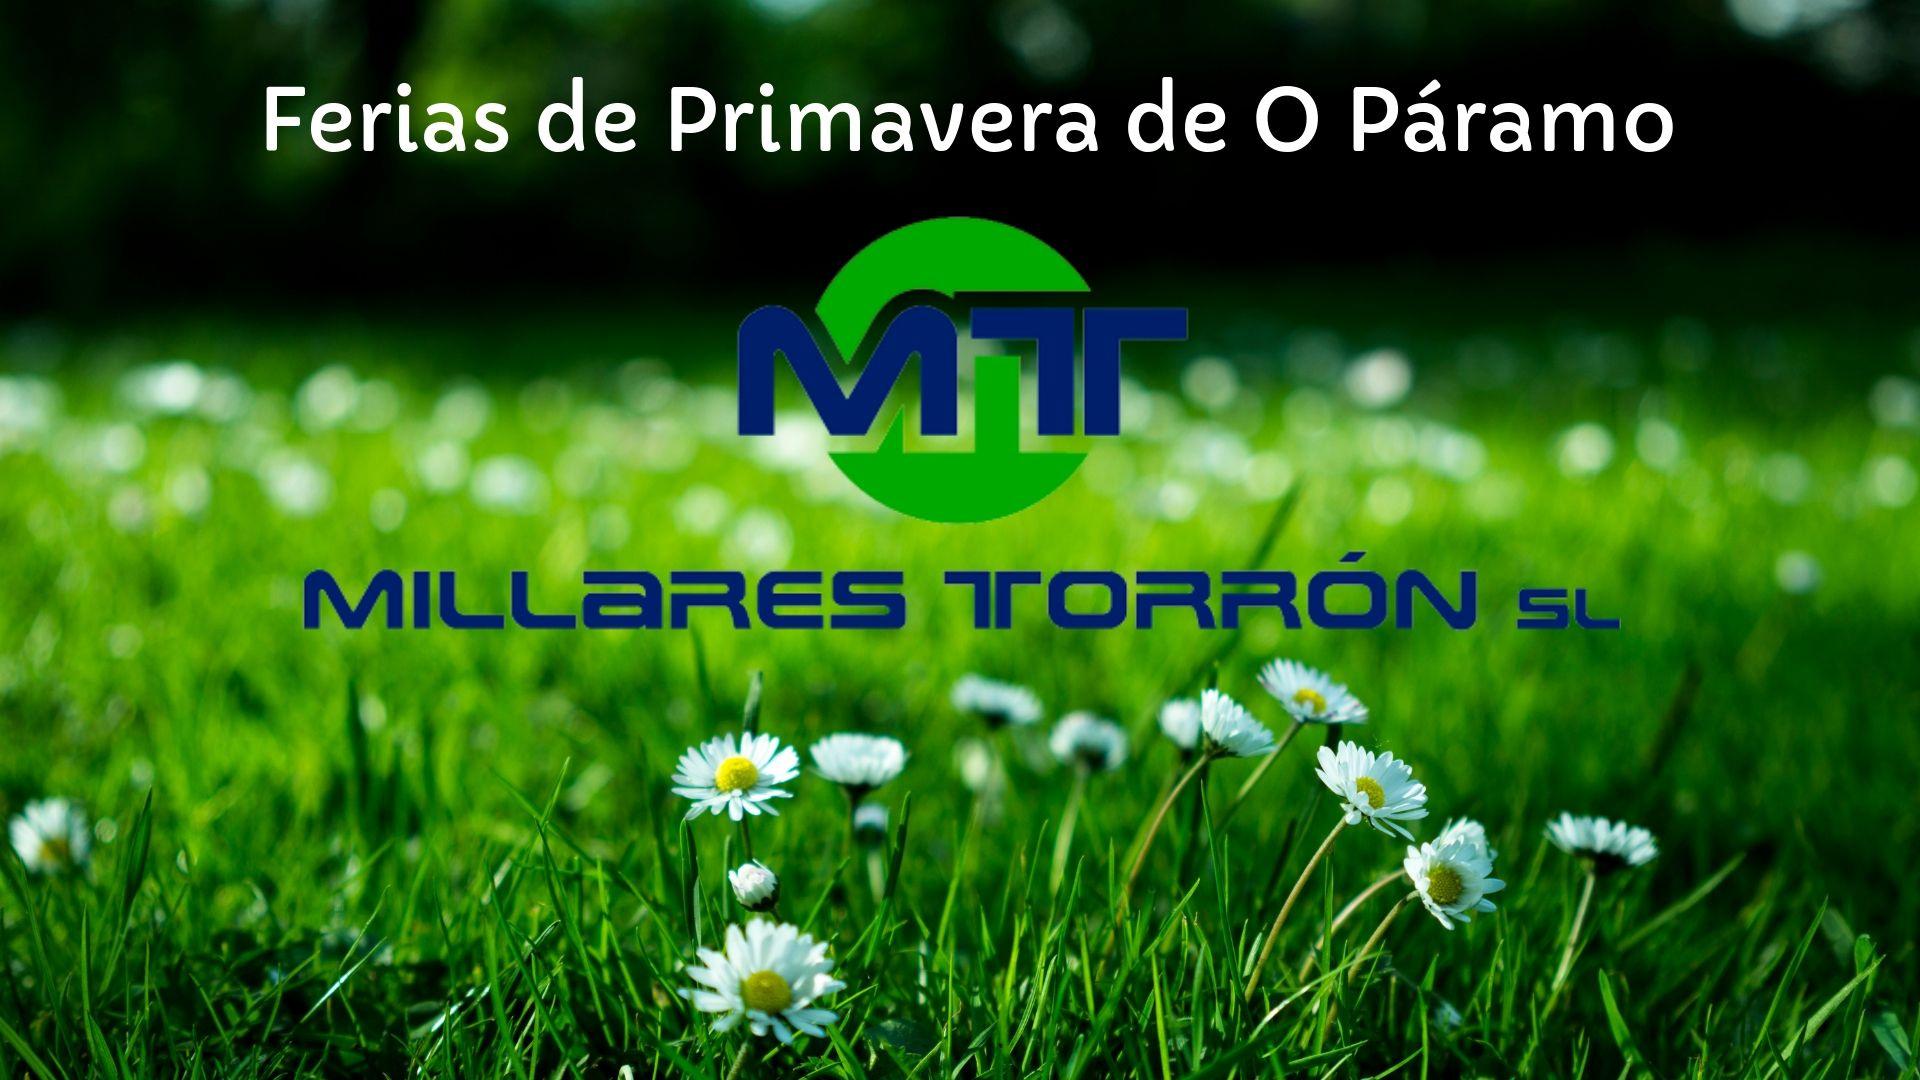 Millares Torrón estará en las Ferias de Primavera de O Paramo del 7 al 9 de junio 2.1920